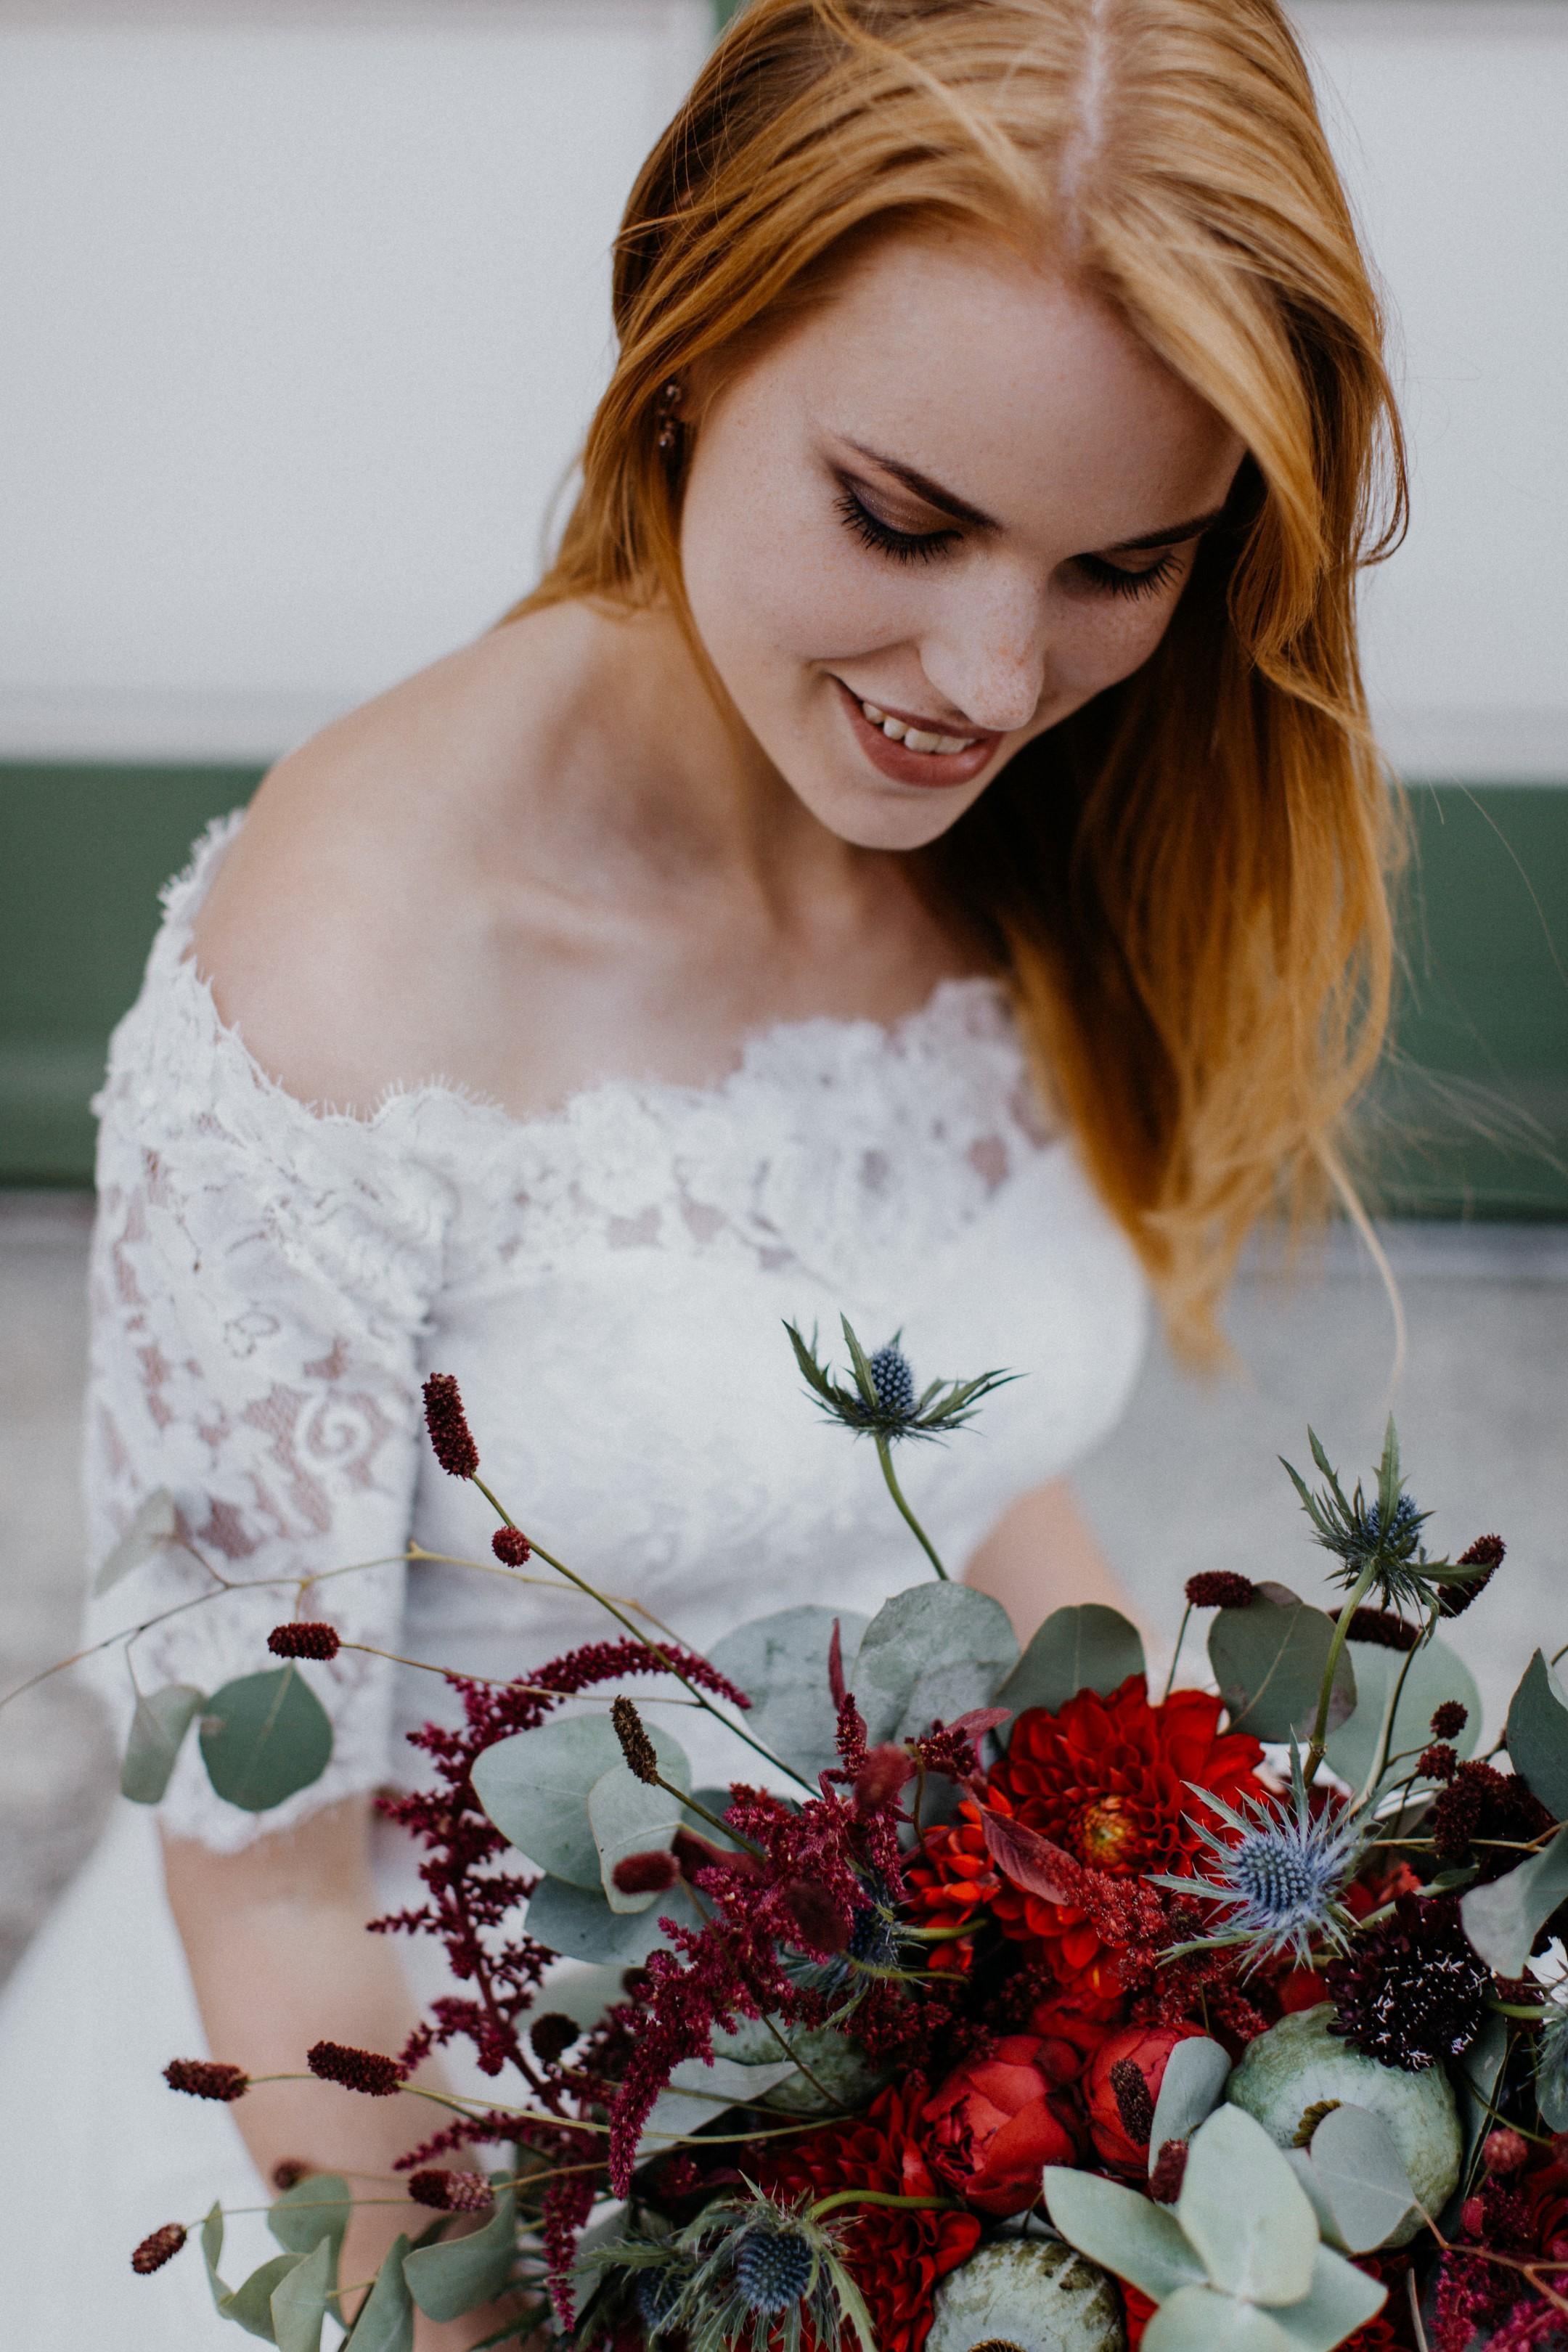 Traumanufaktur_Hochzeitsspeicher_an_der_Elbe_Styled_Shoot_020 (Andere)